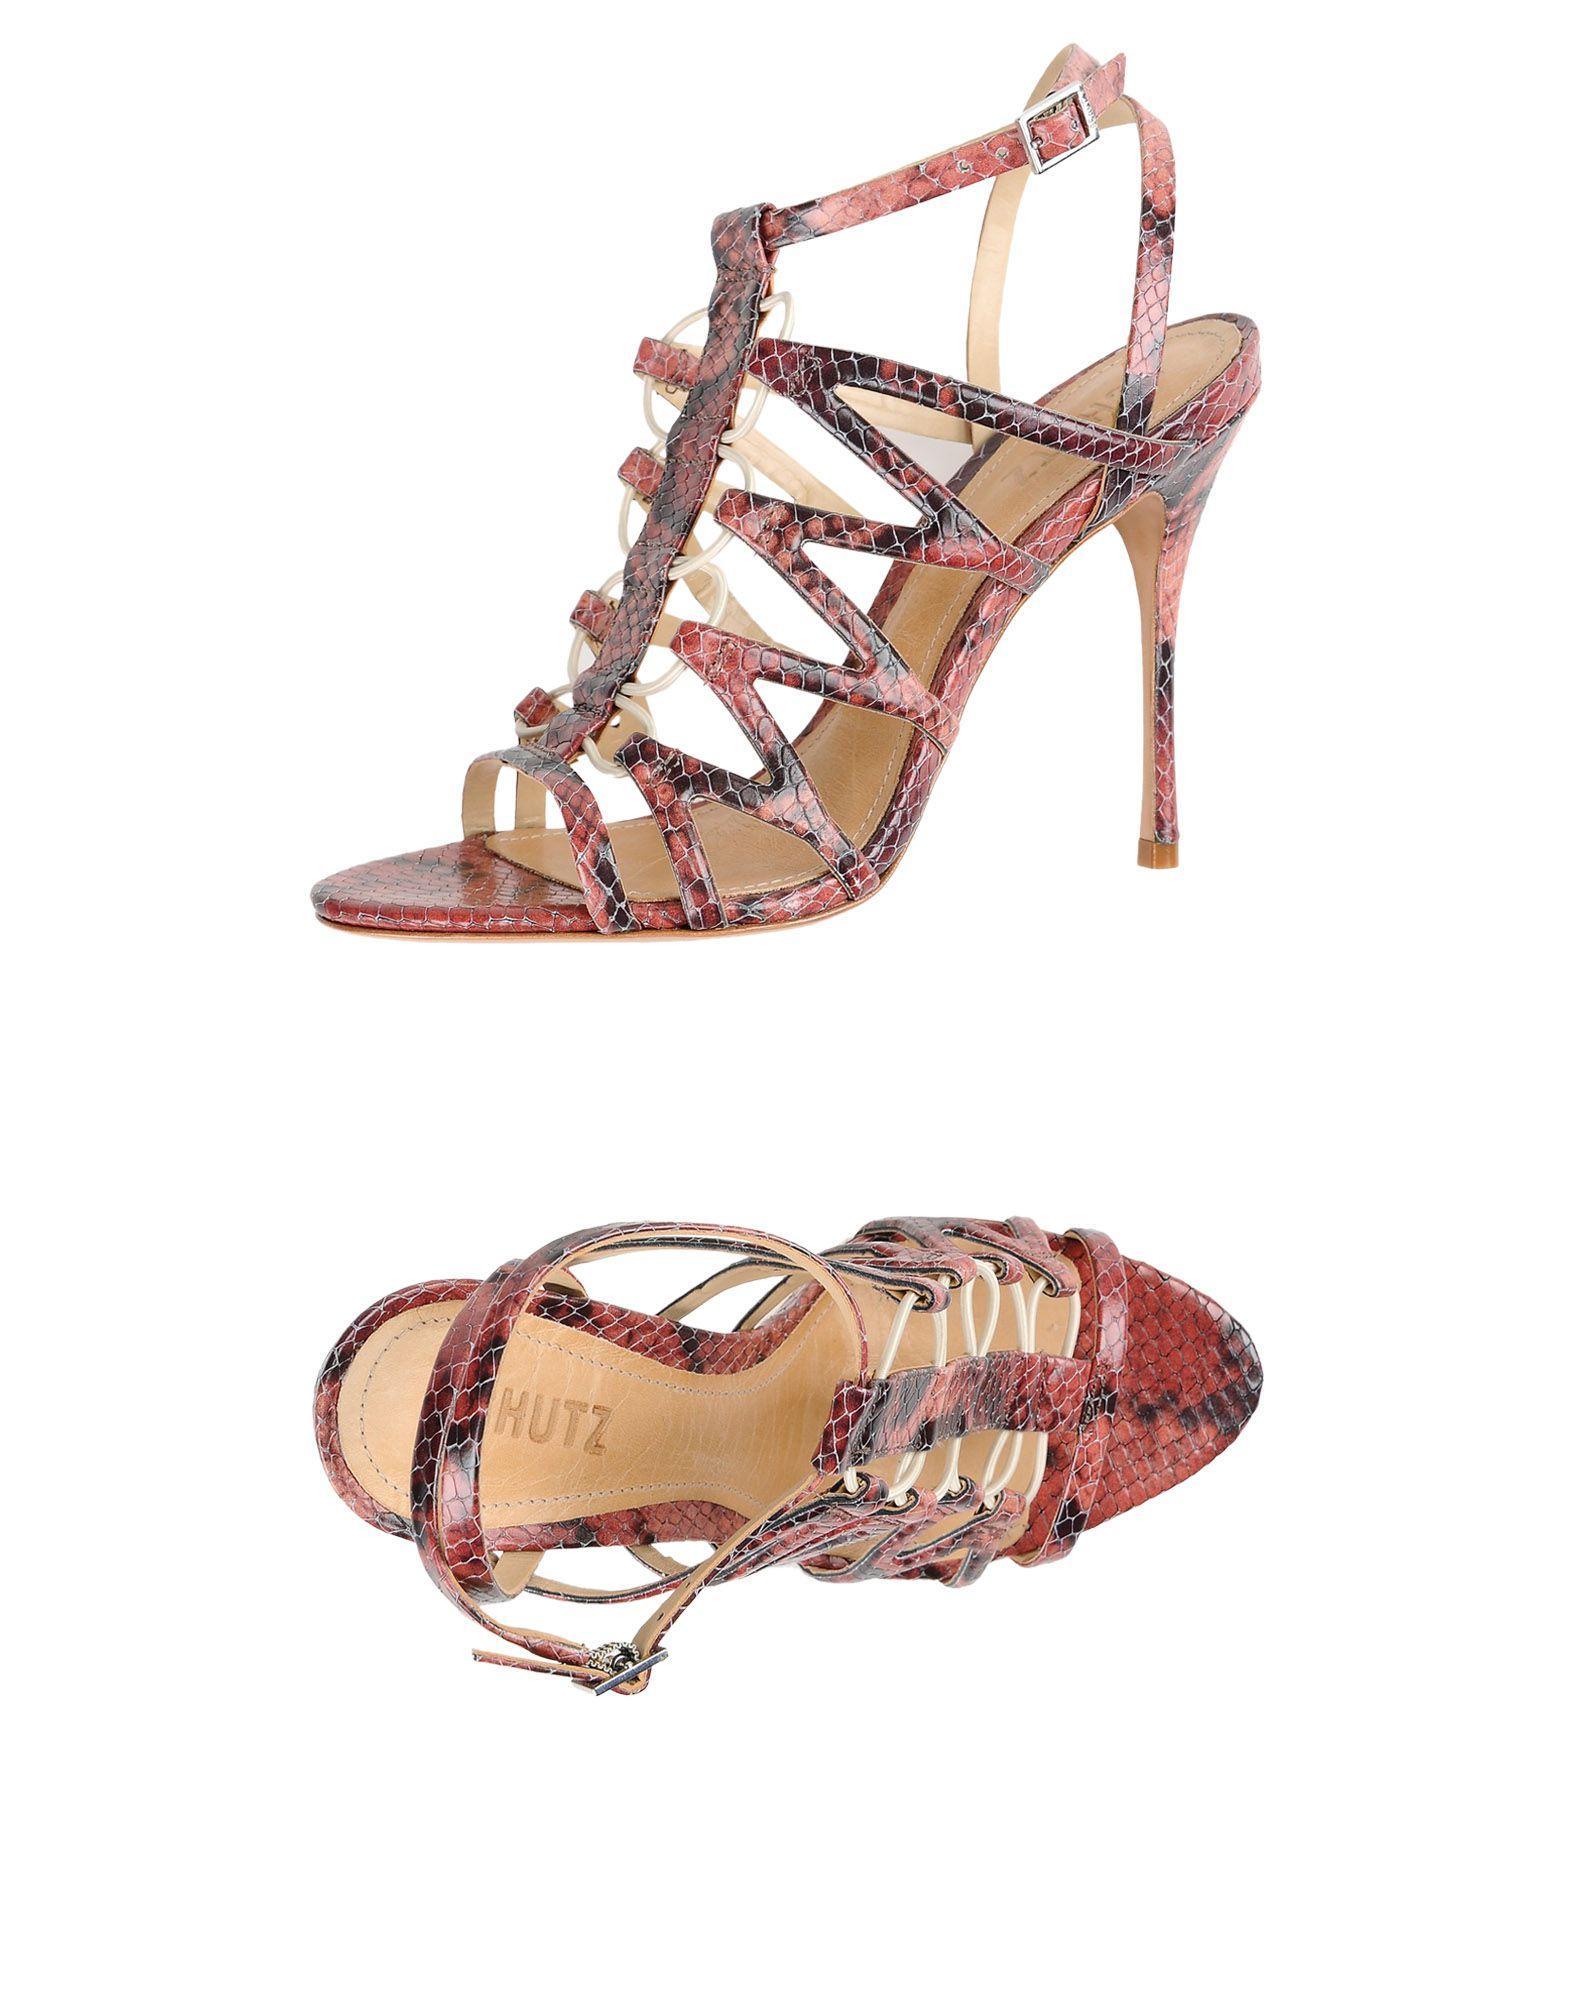 Schutz Sandals In Brick Red